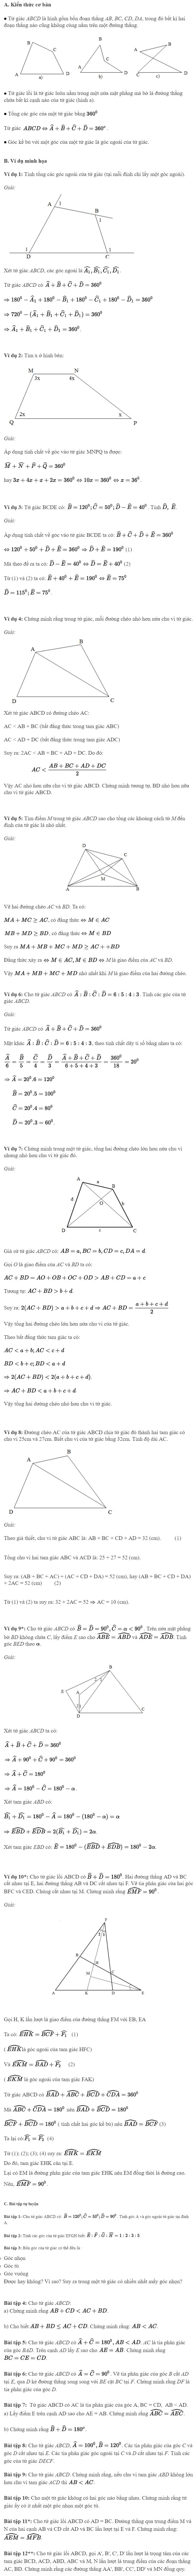 Chuyên đề Tứ giác - Hình học 8